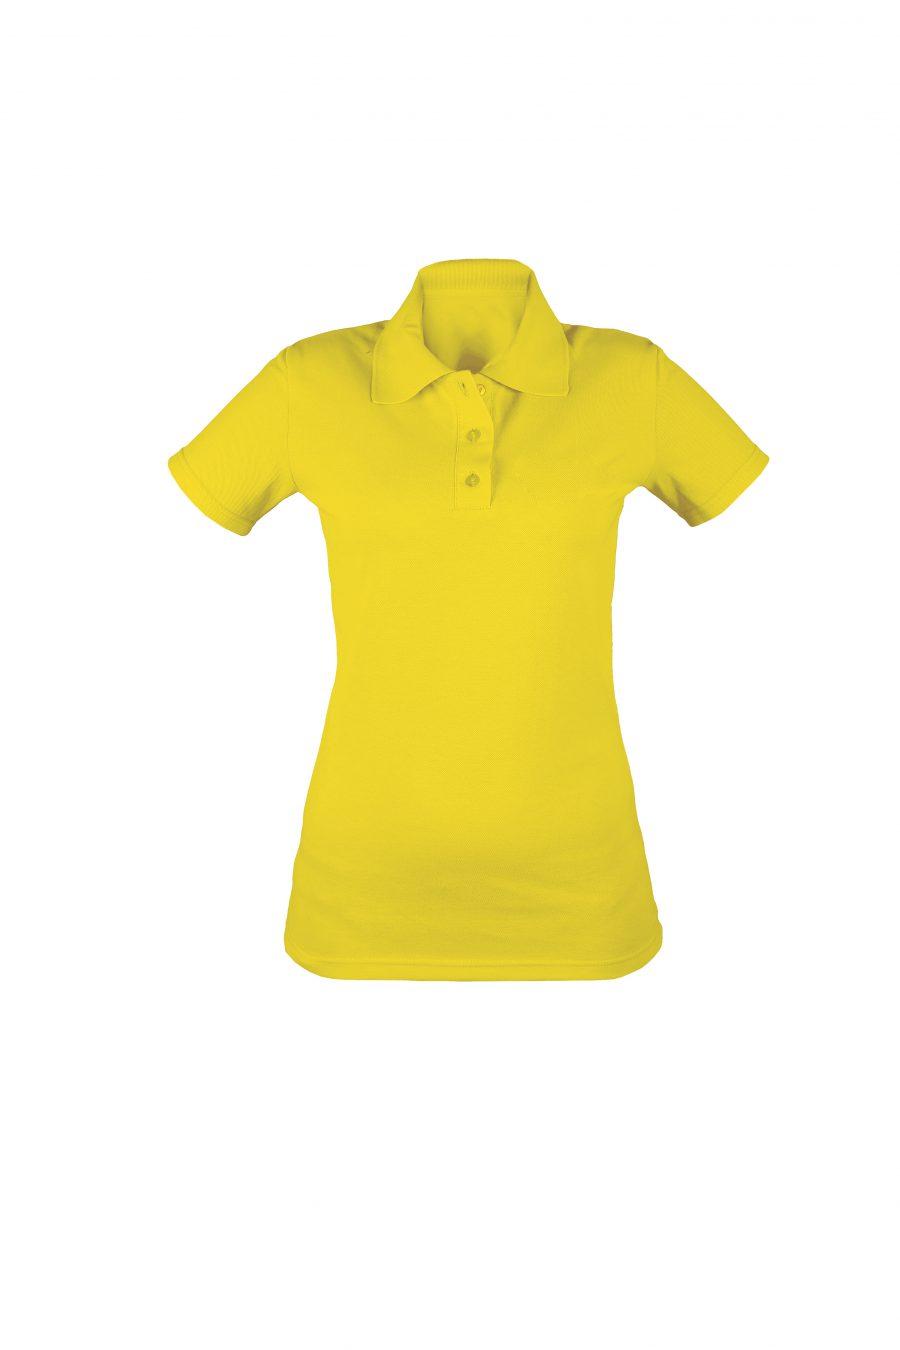 Рубашка-поло KANO WP желтая купить оптом,